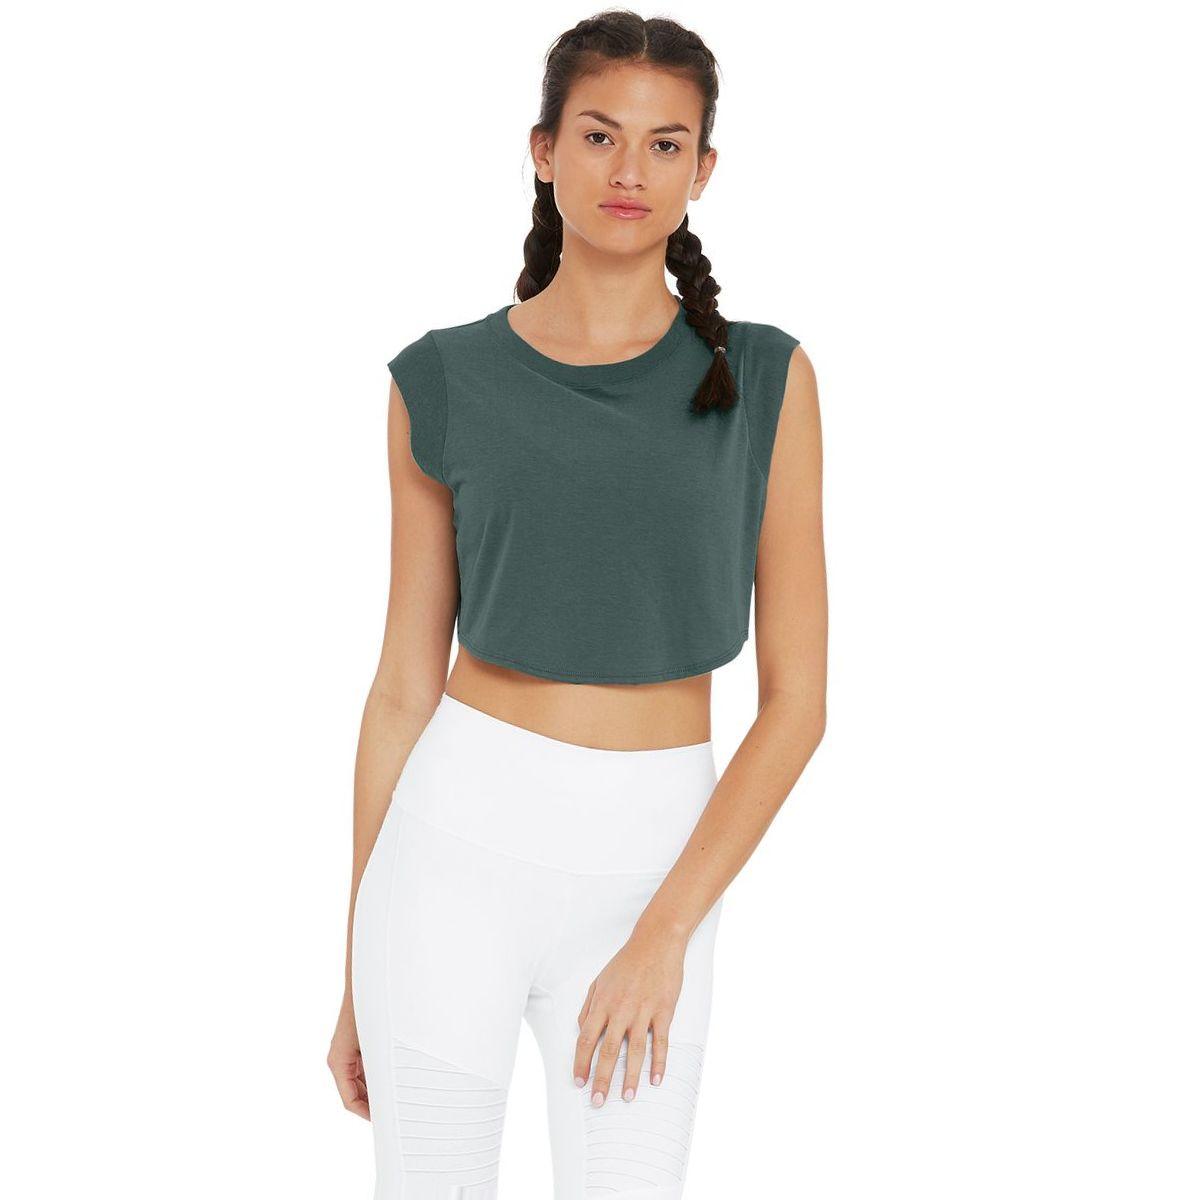 Alo Yoga Echo T-Shirt - Women's